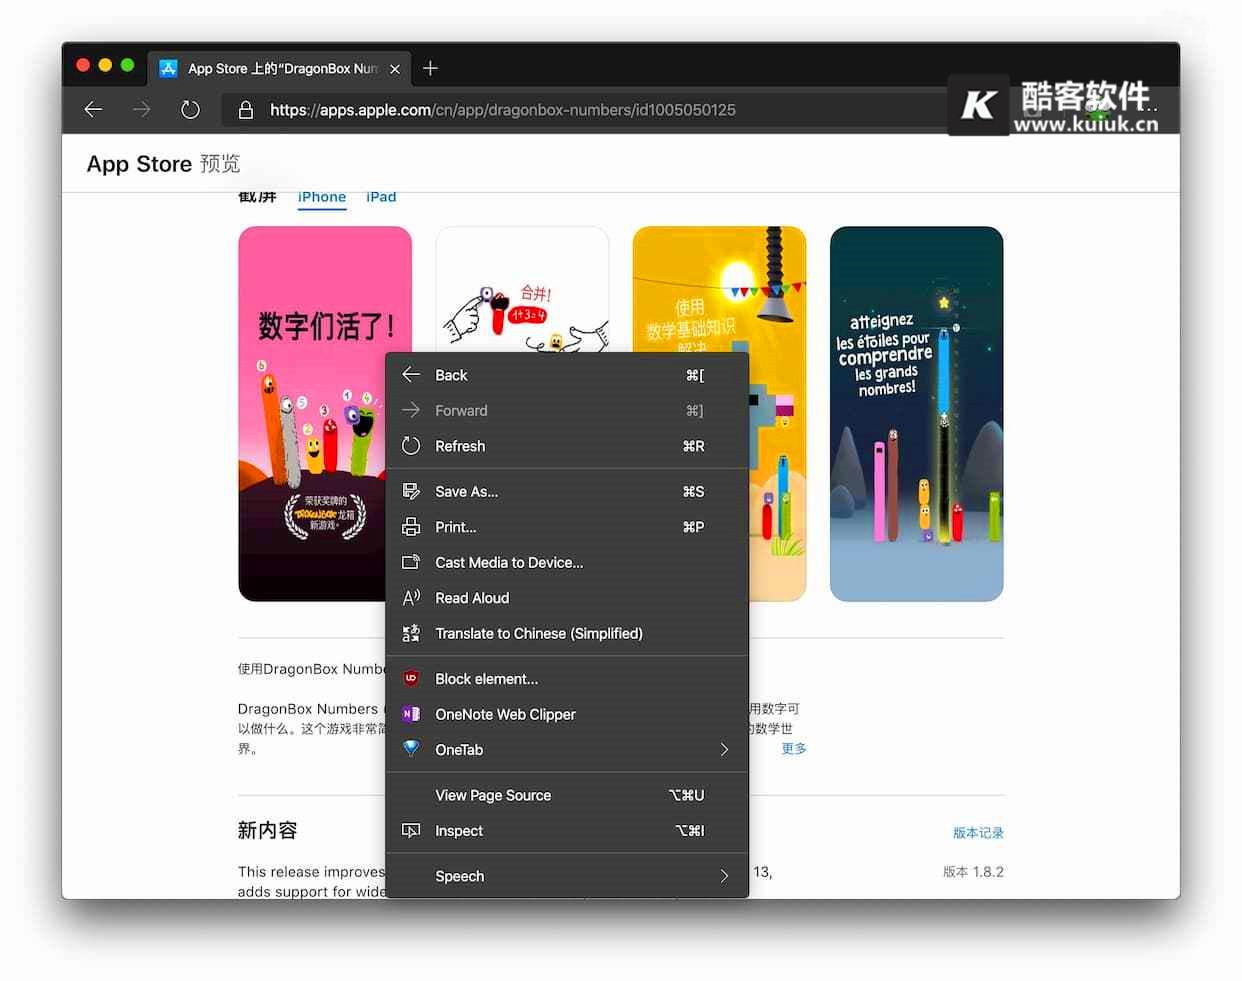 screenshot 2020 03 25 at 18 04 40